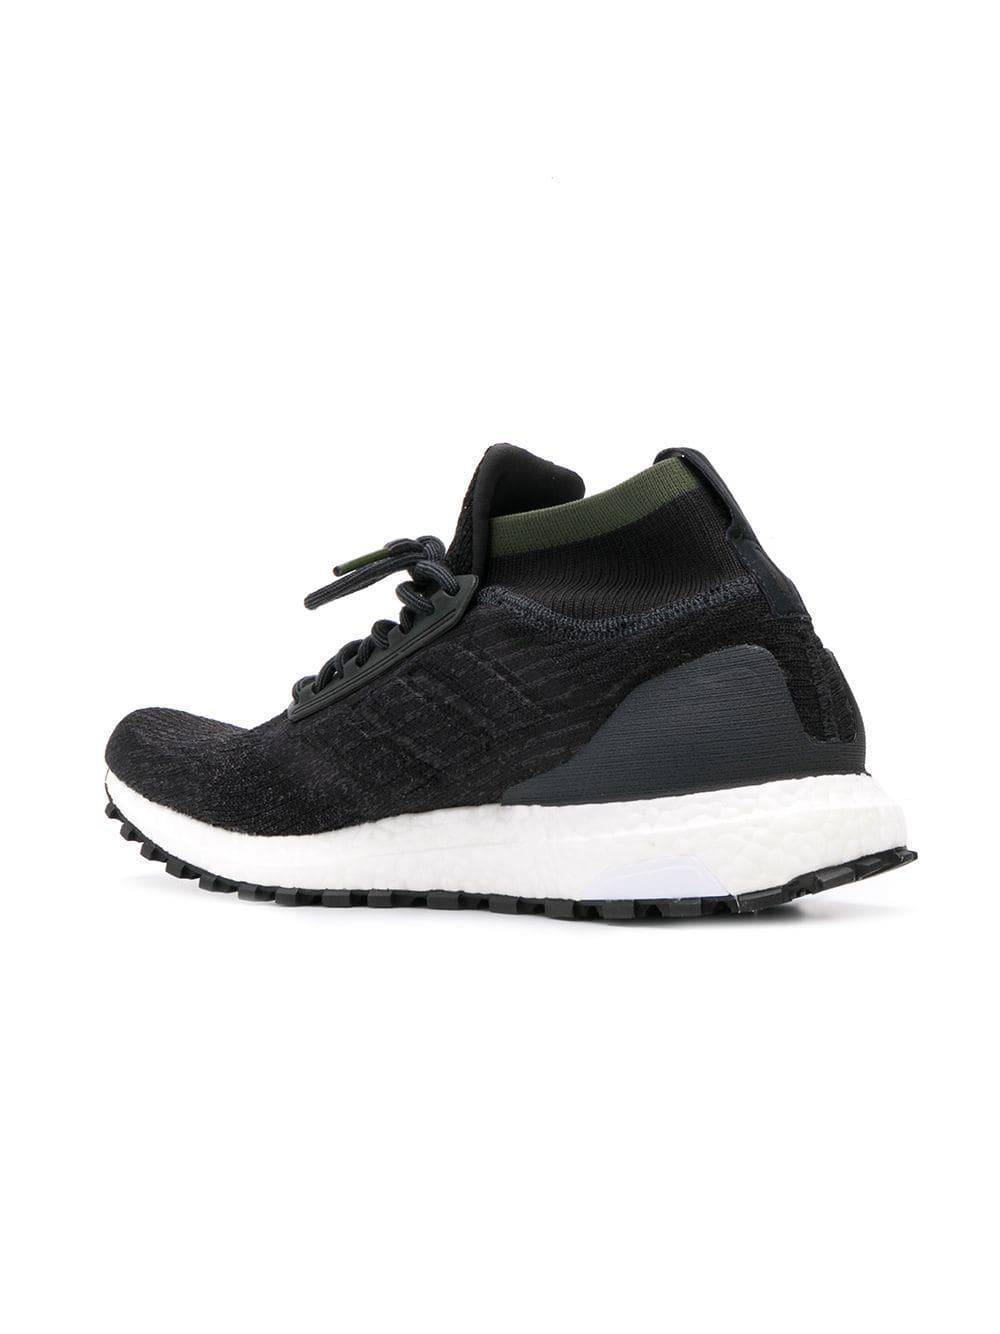 8c5f608d883c8 Lyst - adidas Ultraboost All Terrain Sneakers in Black for Men